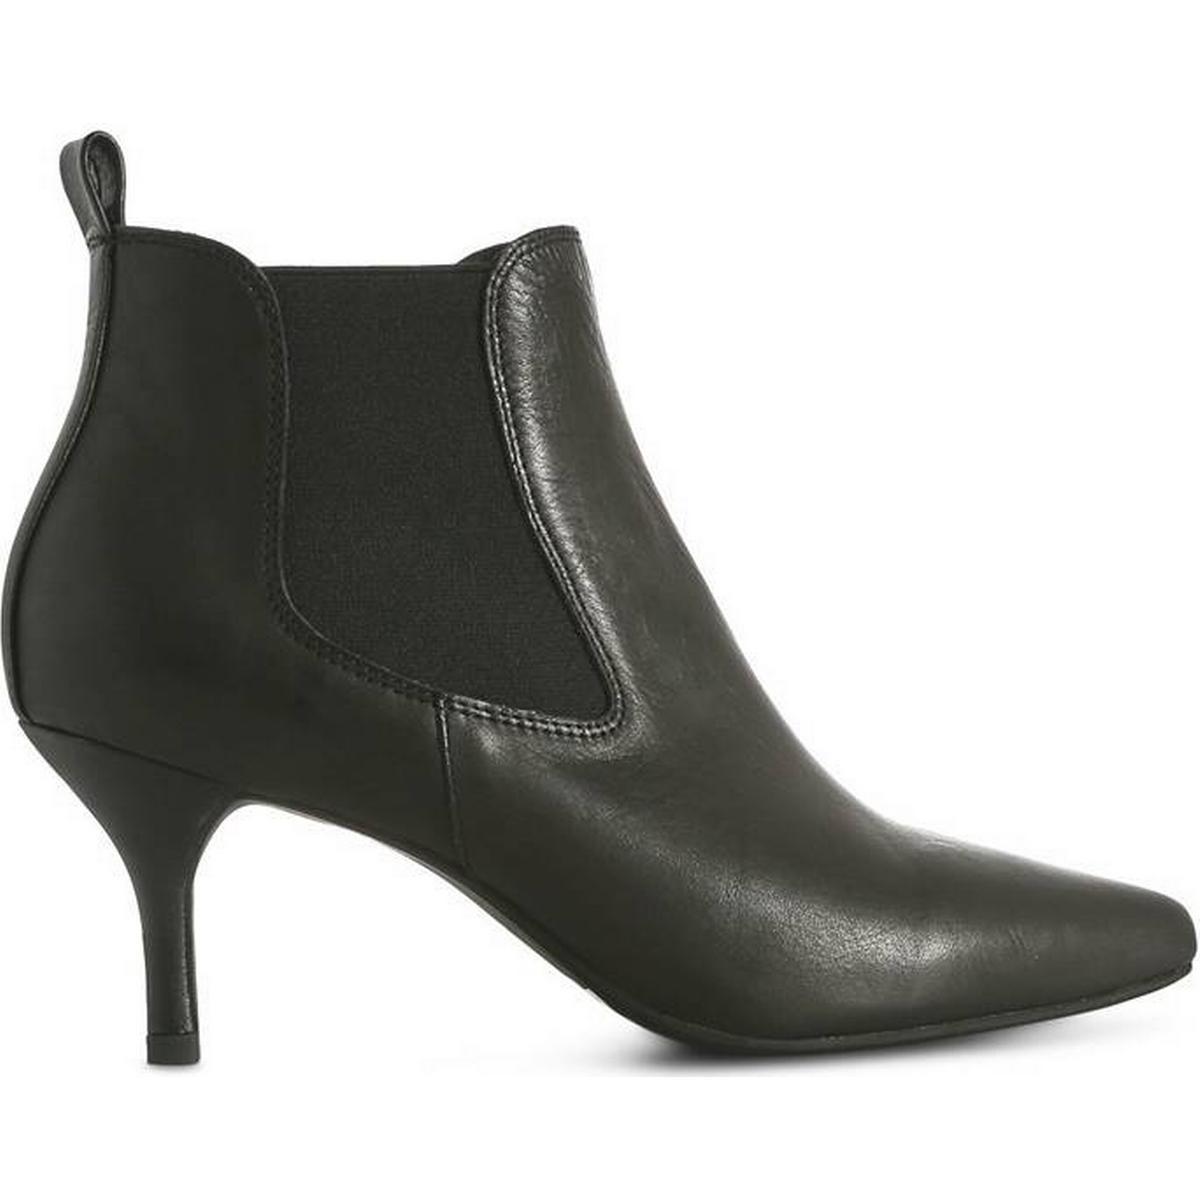 def3edcf999 Shoe The Bear Chelsea støvler - Sammenlign priser hos PriceRunner